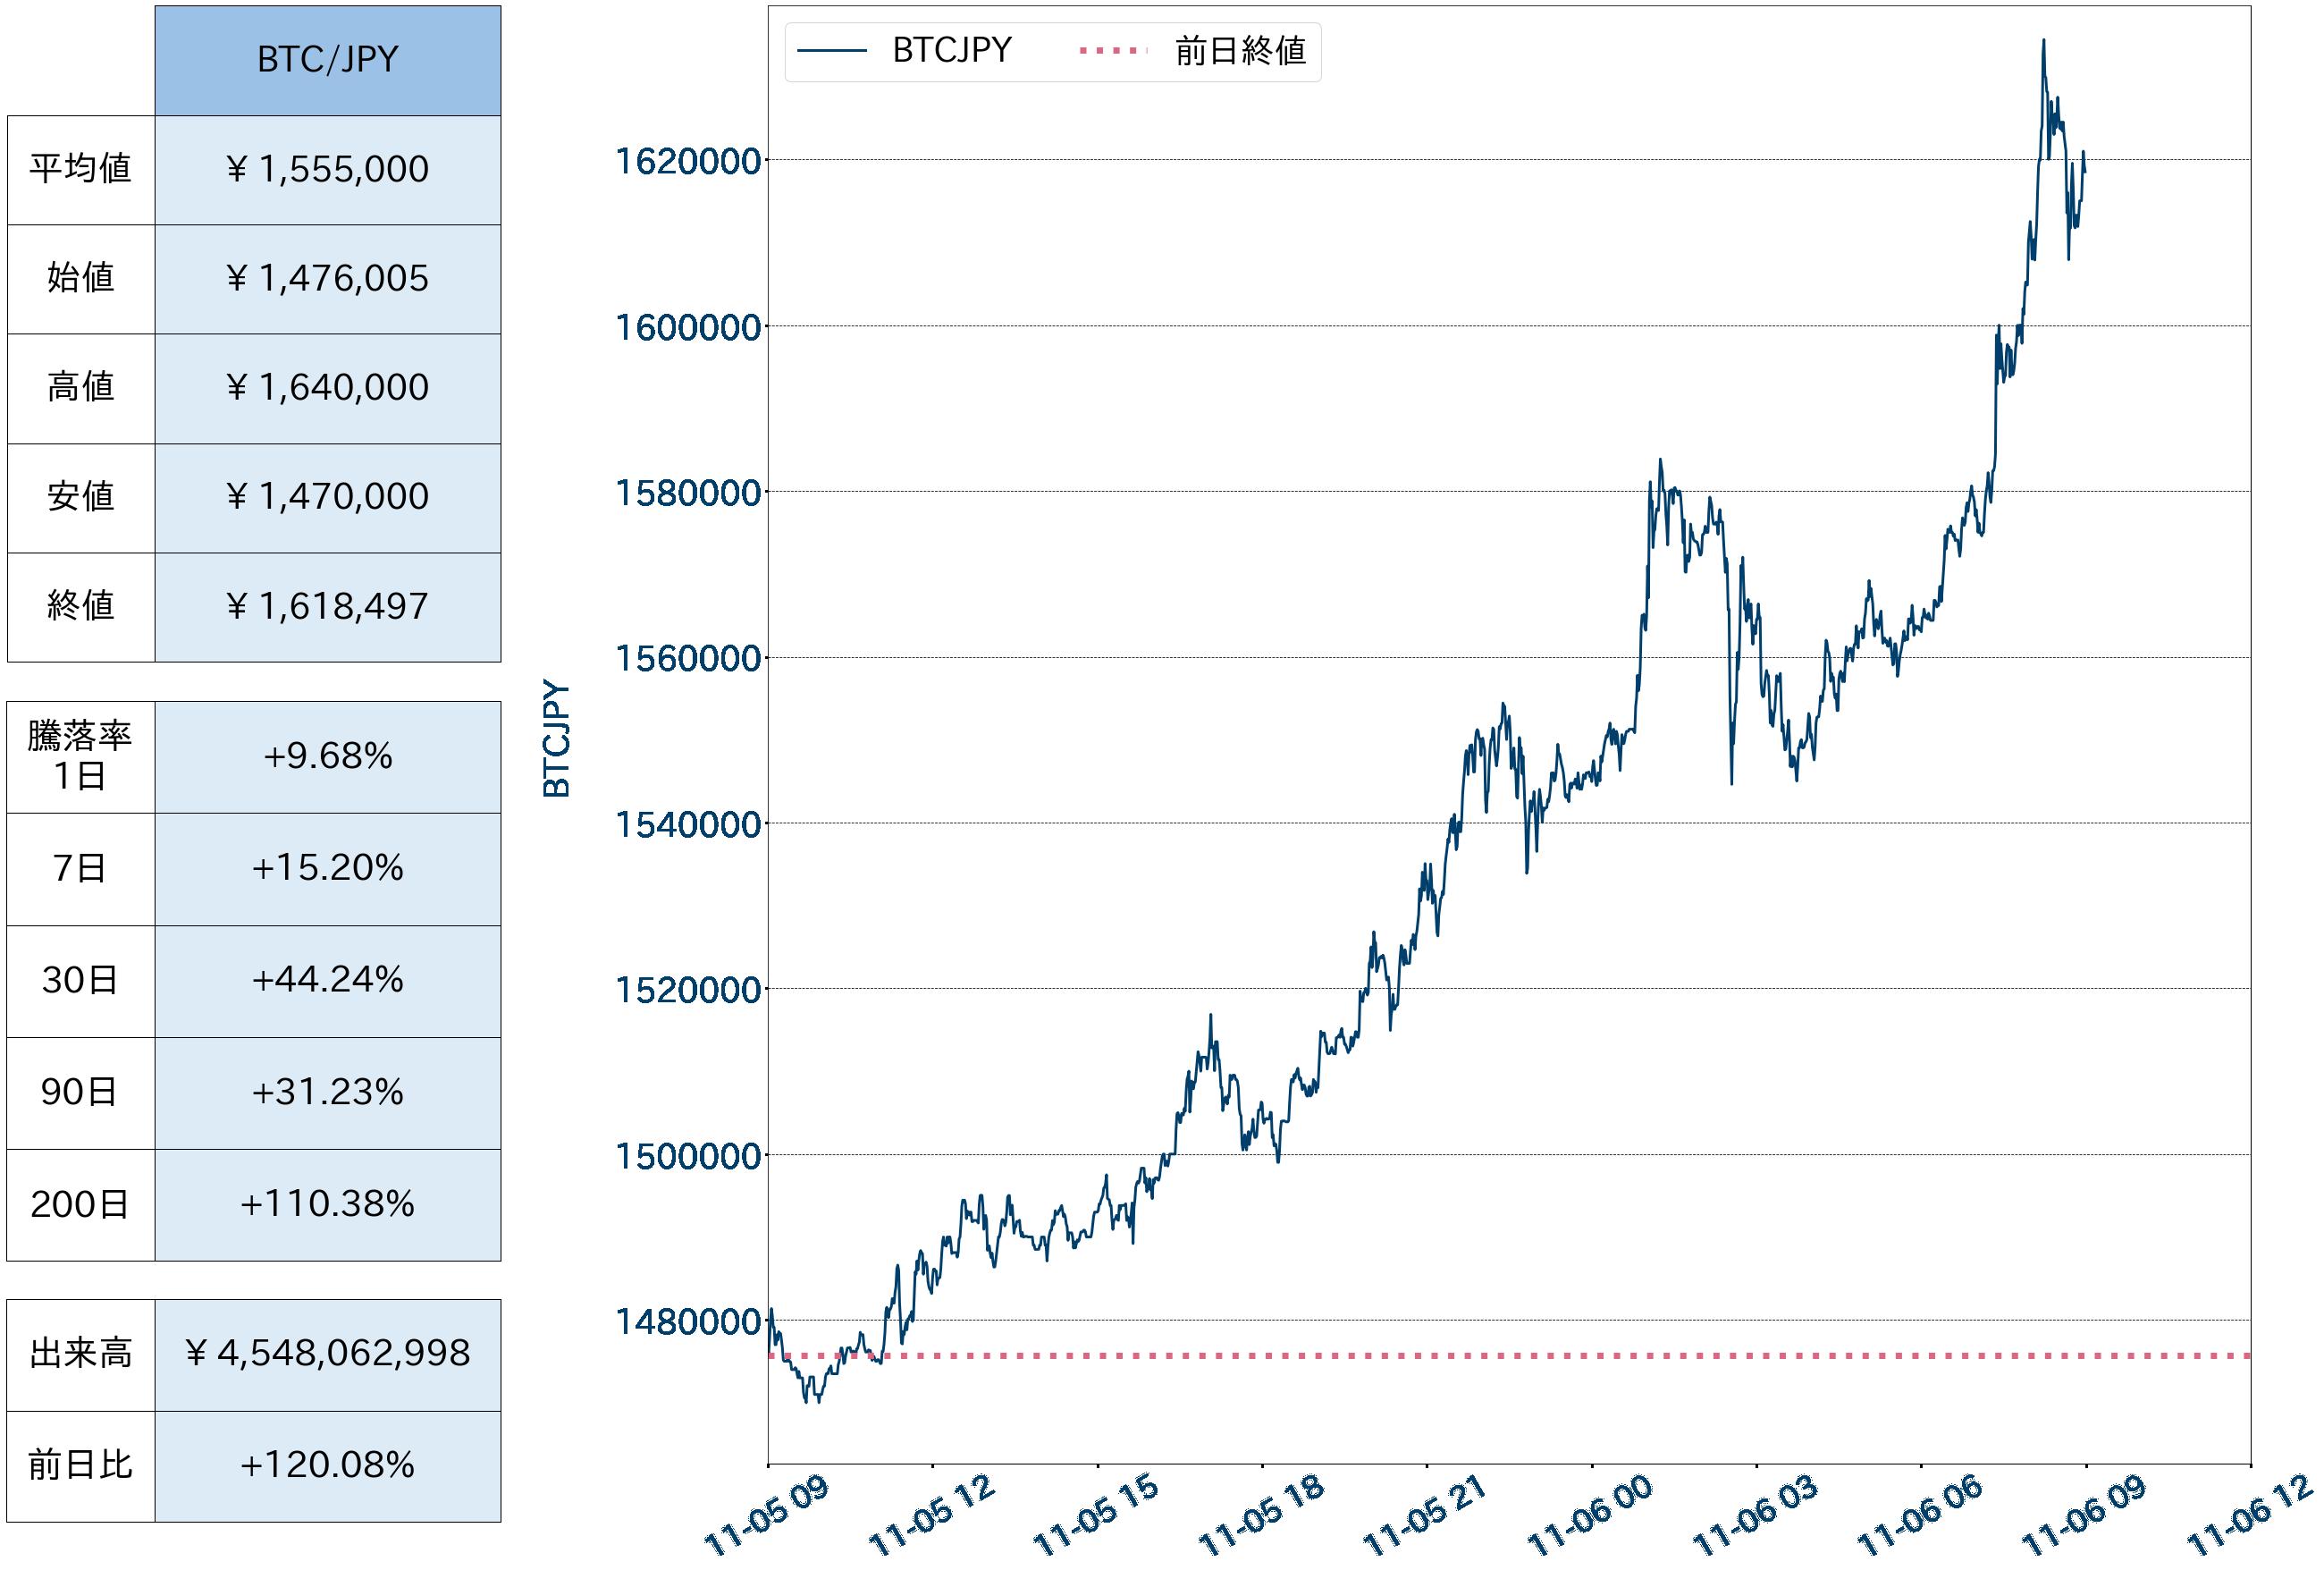 第1図:BTC対円チャート(1分足)、前日平均値・4本値、騰落率、出来高 出所:bitbank.ccより作成